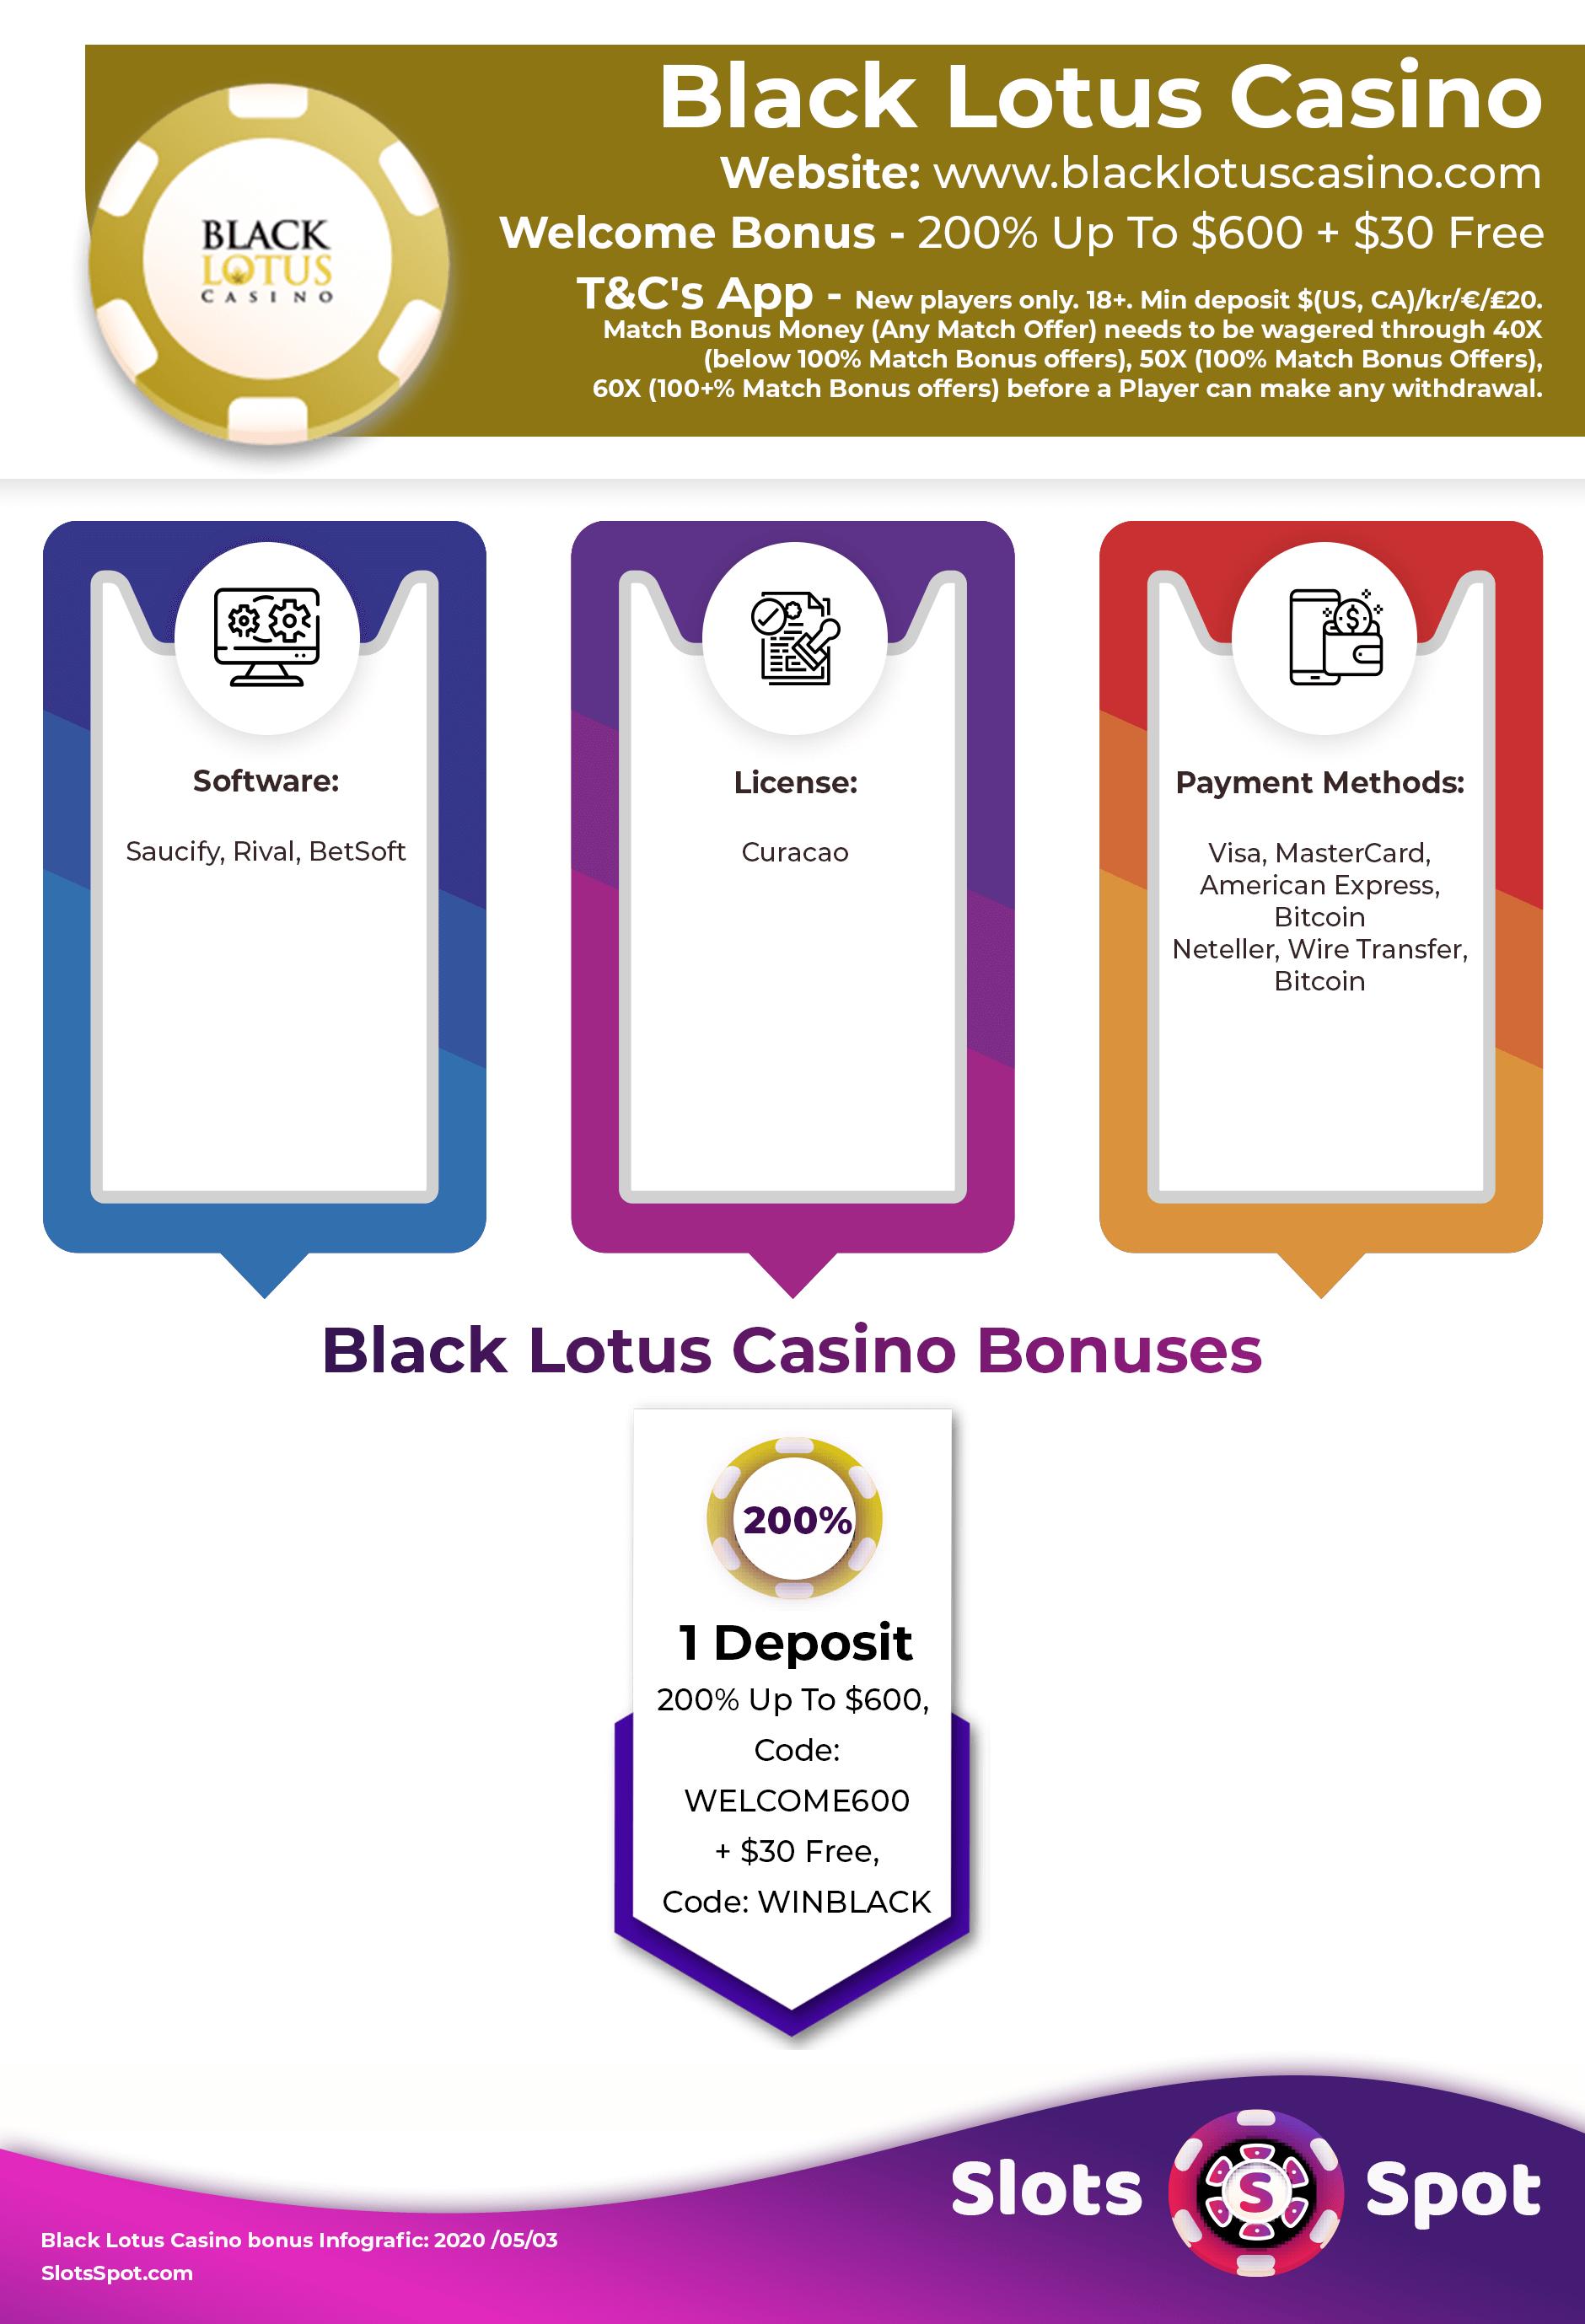 White lotus casino no deposit bonus codes 2020 unused